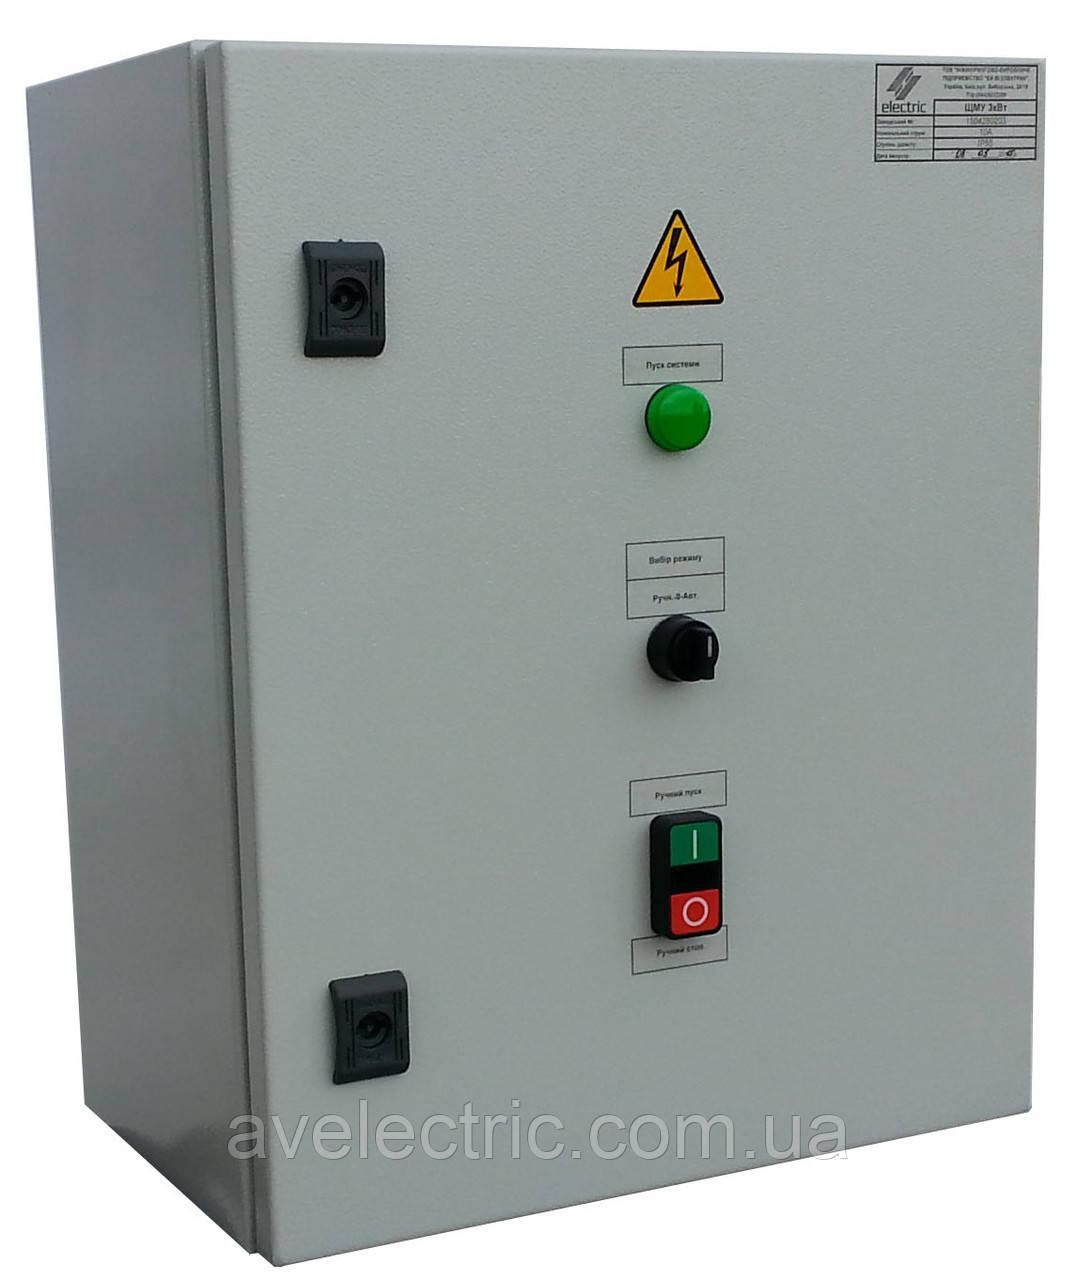 Ящик управления электродвигателем Я5111-1874-54У3